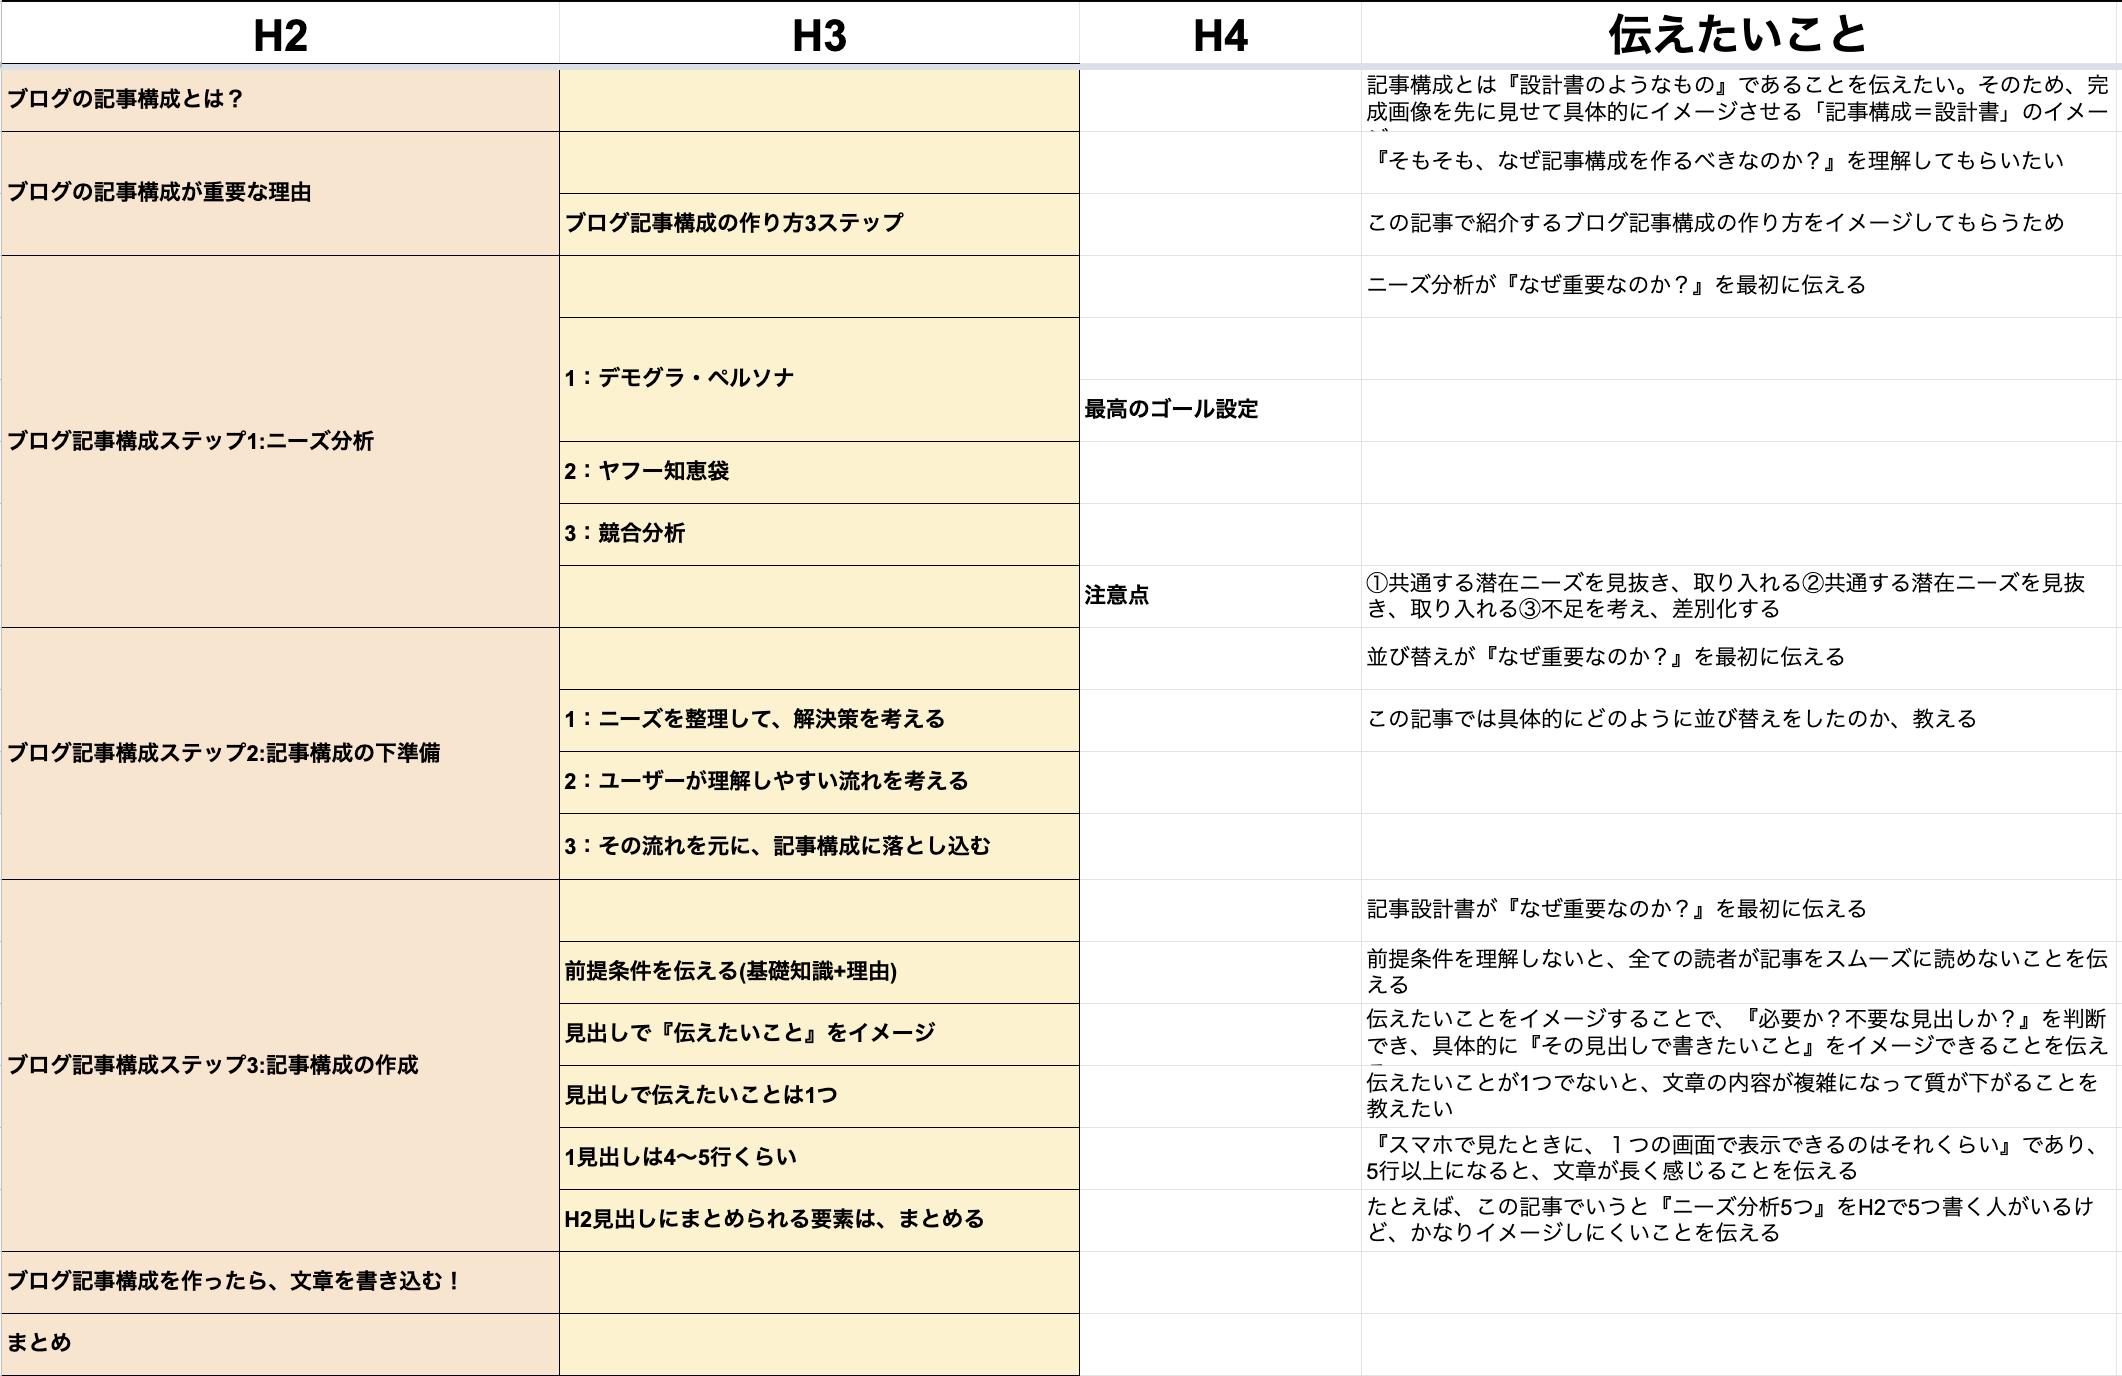 ブログ記事構成の完成図